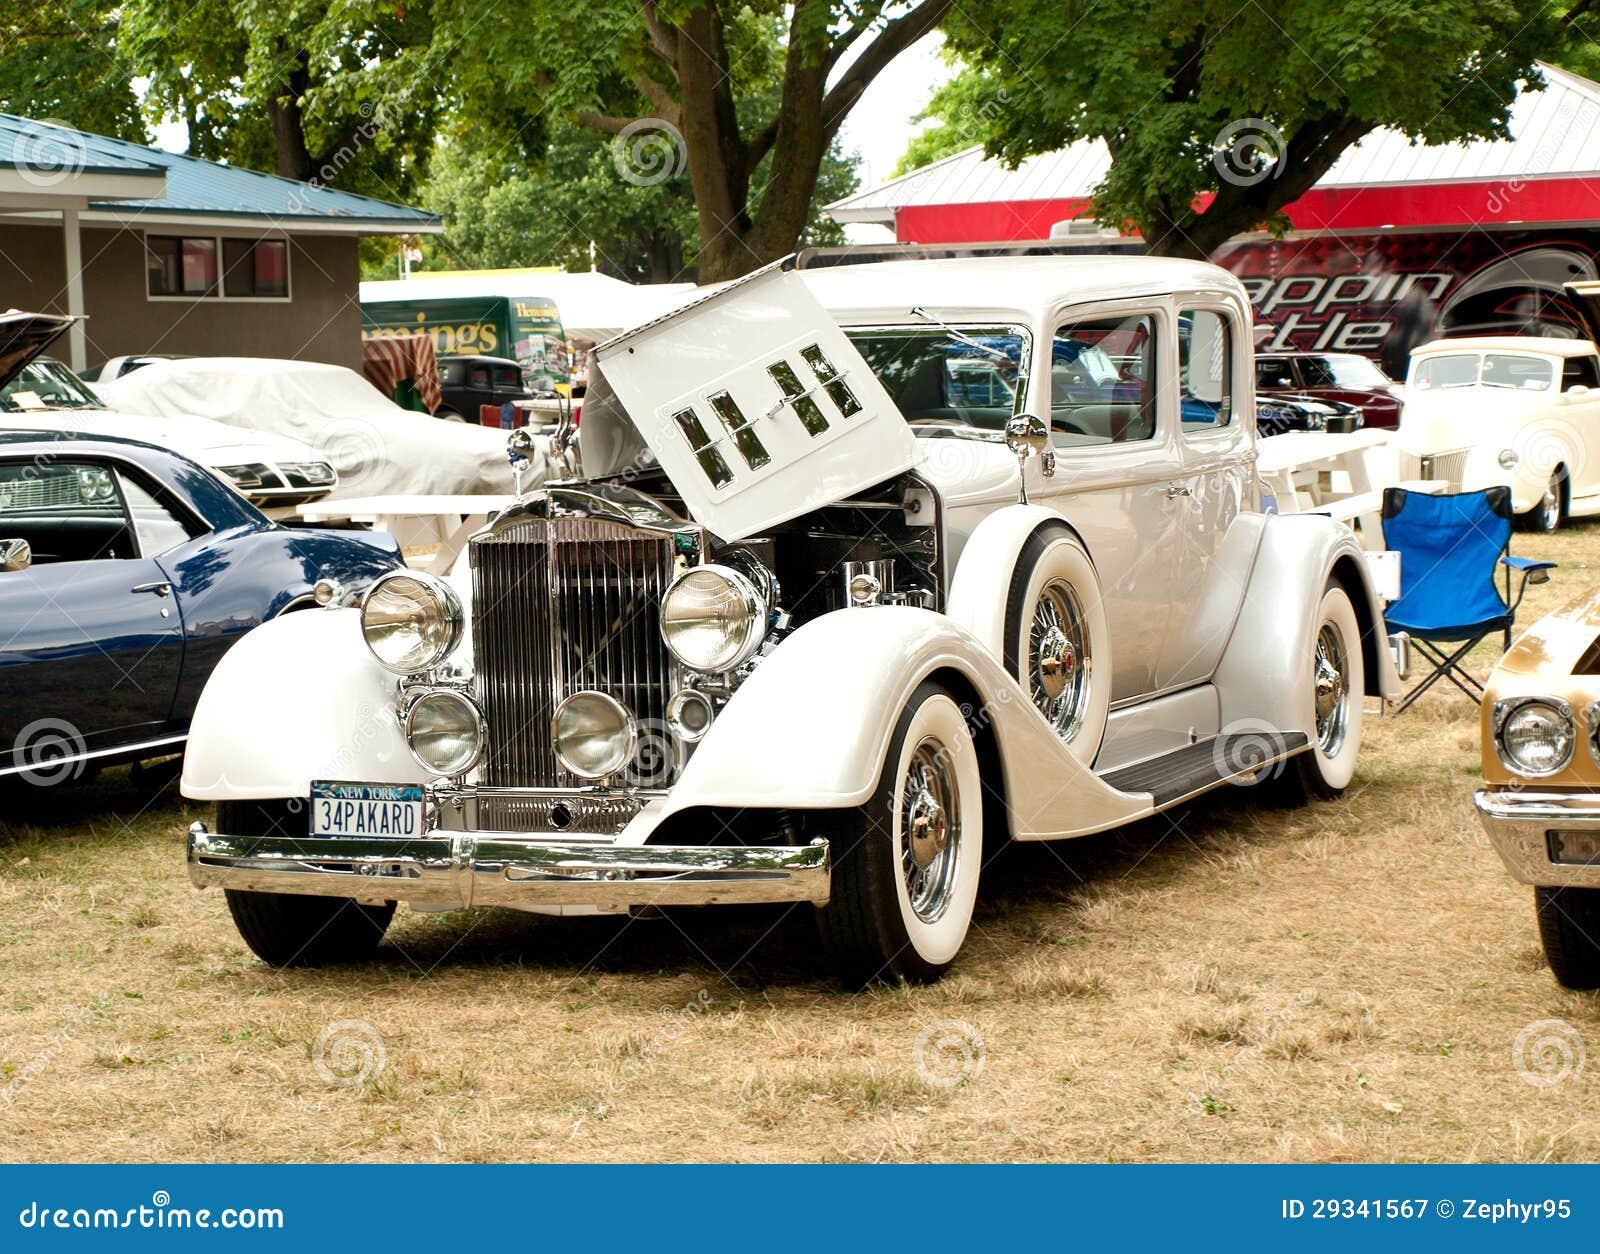 Buy Cars Syracuse Ny